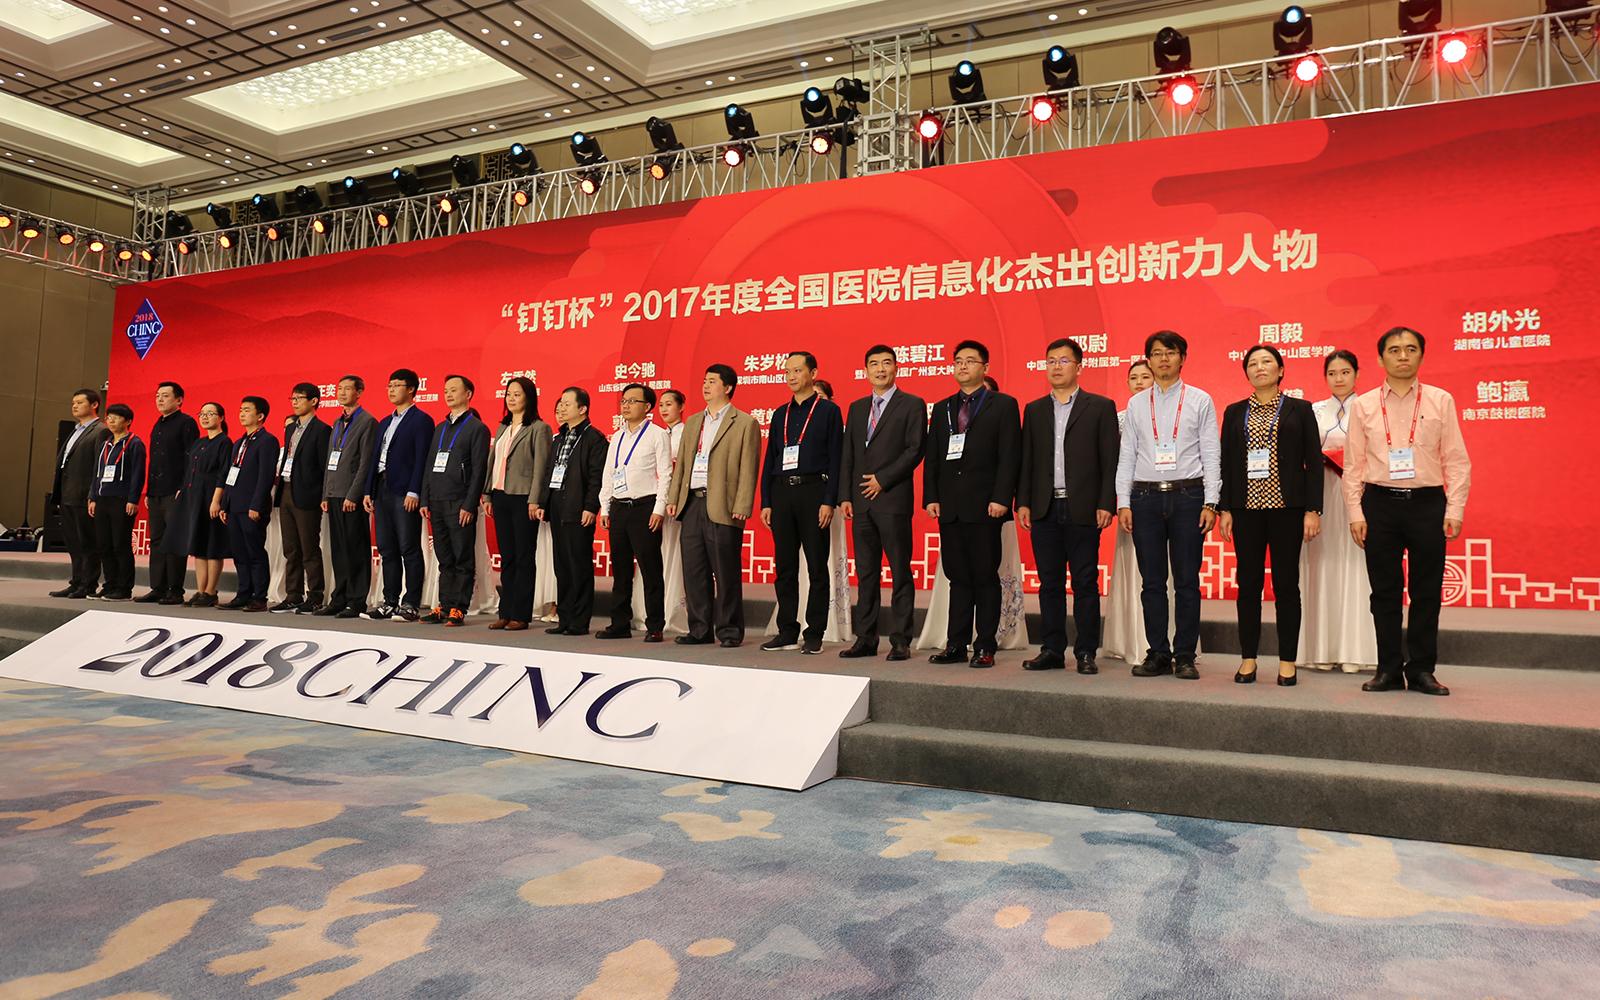 发轫医疗行业 阿里钉钉未来医院成CHINC大会焦点